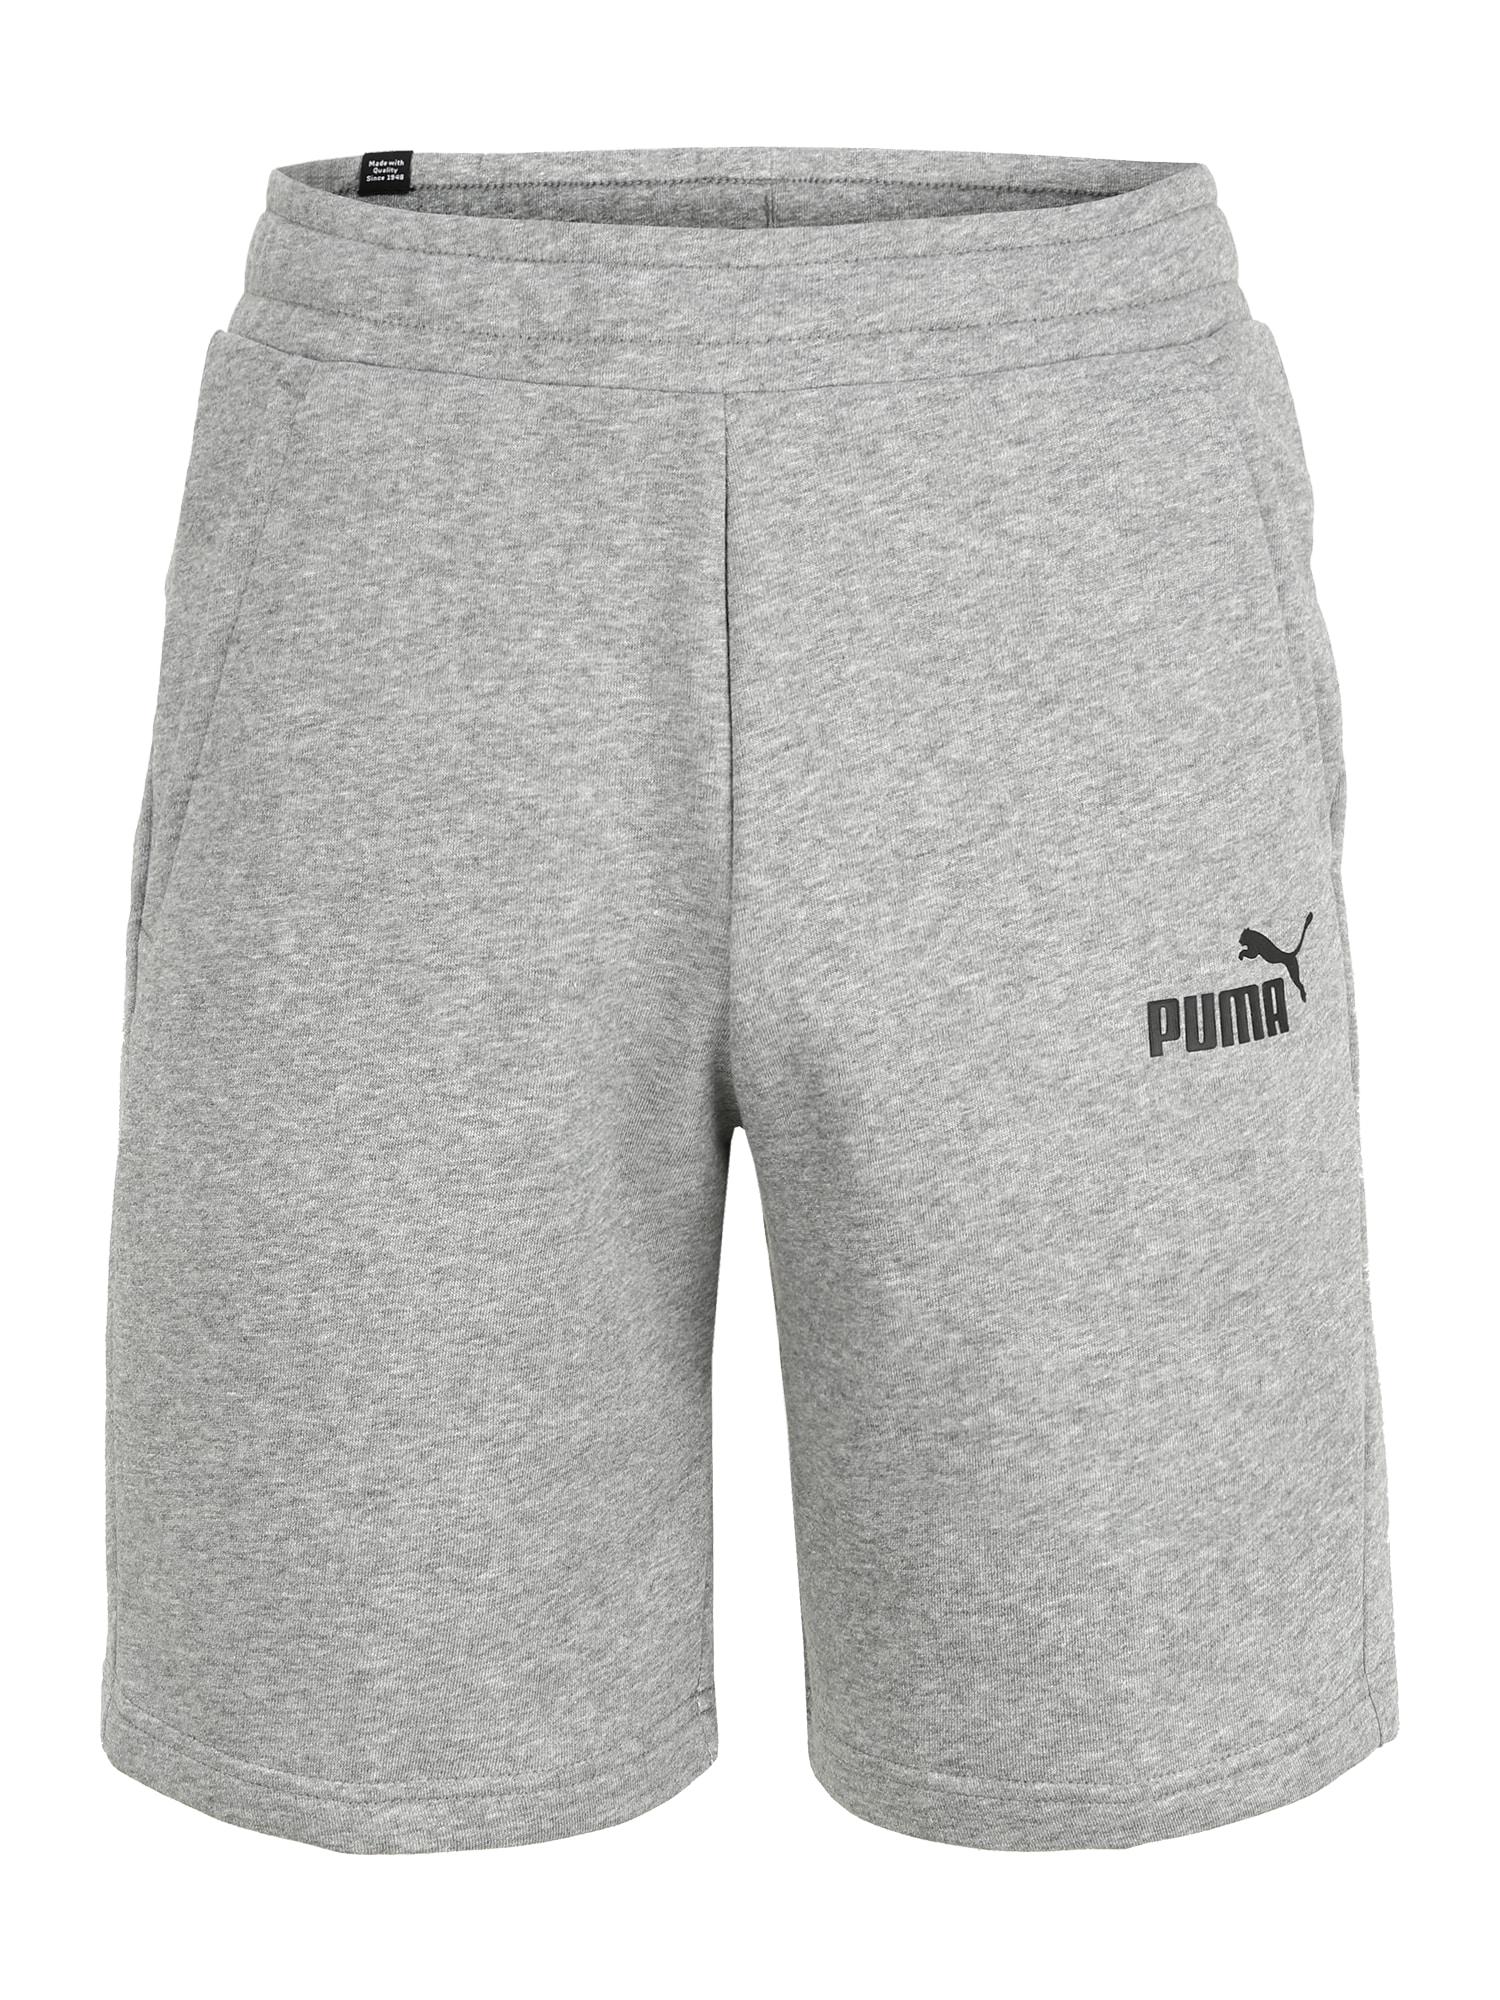 PUMA Sportinės kelnės margai pilka / juoda